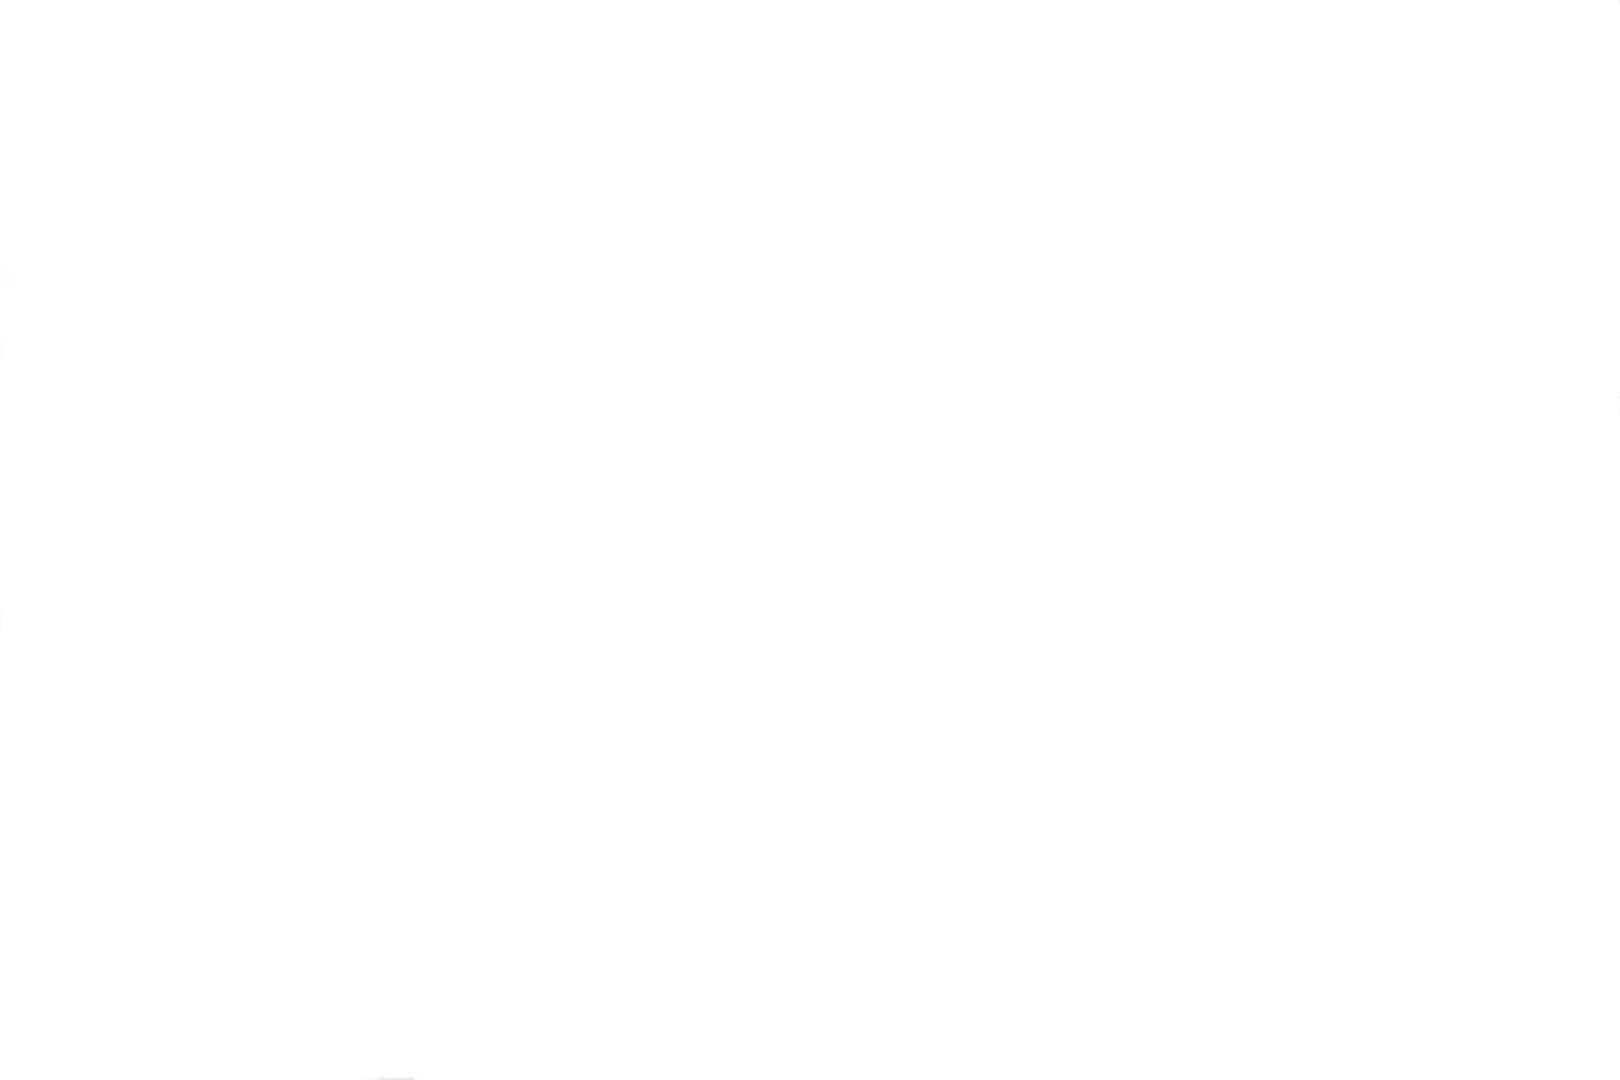 充血監督の深夜の運動会Vol.27 カップルのセックス  63PIX 18